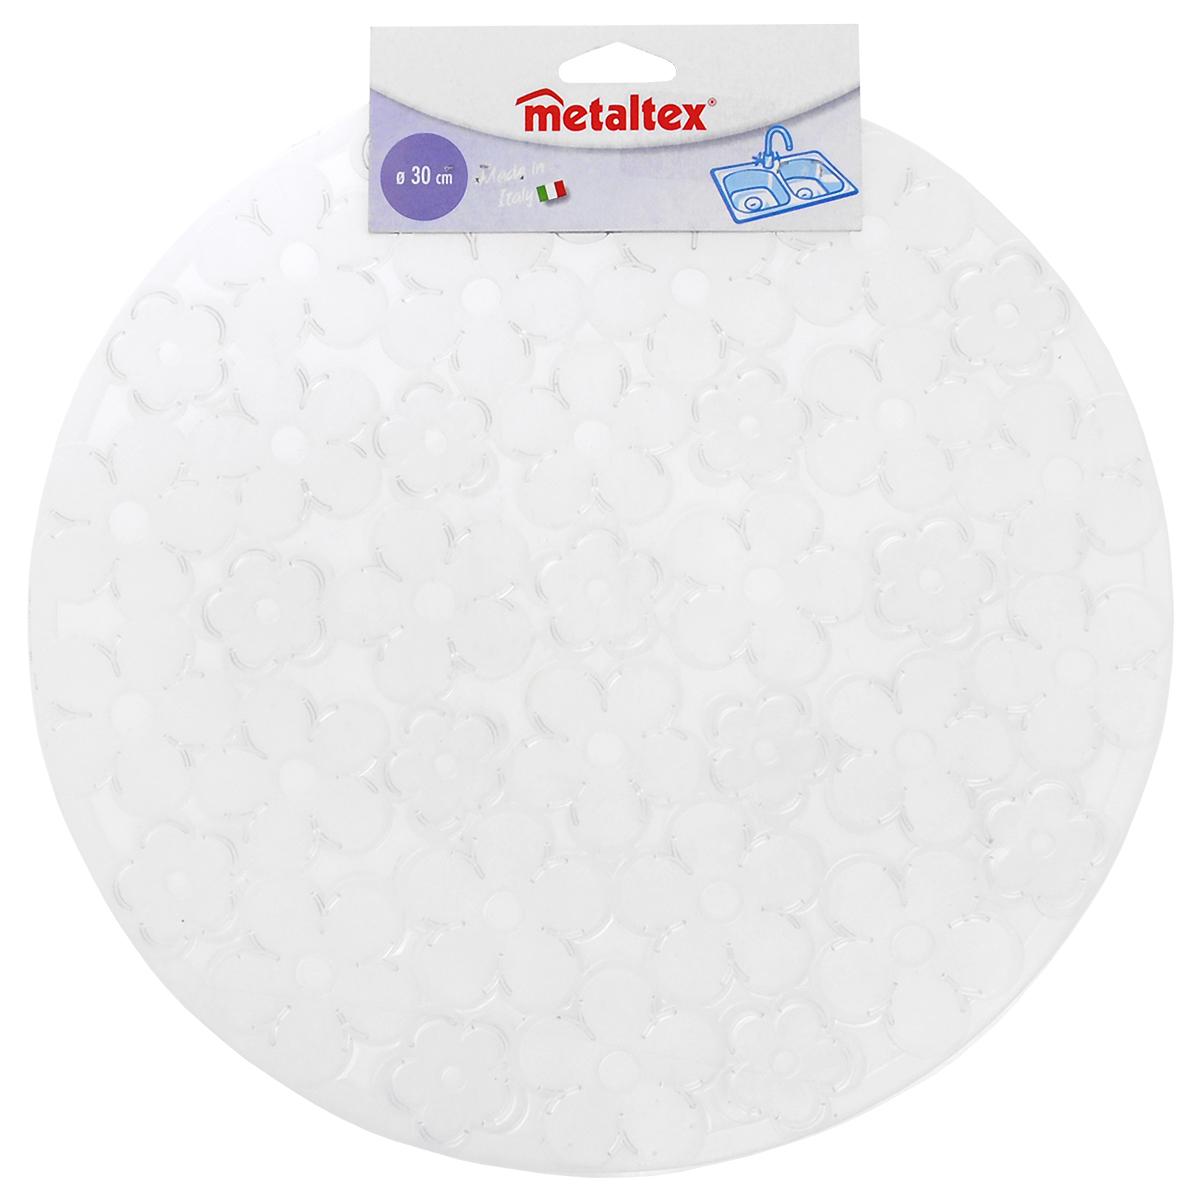 Коврик для раковины Metaltex, цвет: прозрачный, диаметр 30 см28.75.37 прозрачныйСтильный и удобный коврик для раковины Metaltex выполнен из ПВХ. Он одновременно выполняет несколько функций: украшает, предотвращает появление на раковине царапин и сколов, защищает посуду от повреждений при падении в раковину, удерживает мусор, попадание которого в слив приводит к засорам. Изделие также обладает противоскользящим эффектом и может использоваться в качестве подставки для сушки чистой посуды. Легко очищается от грязи и жира. Диаметр: 30 см.